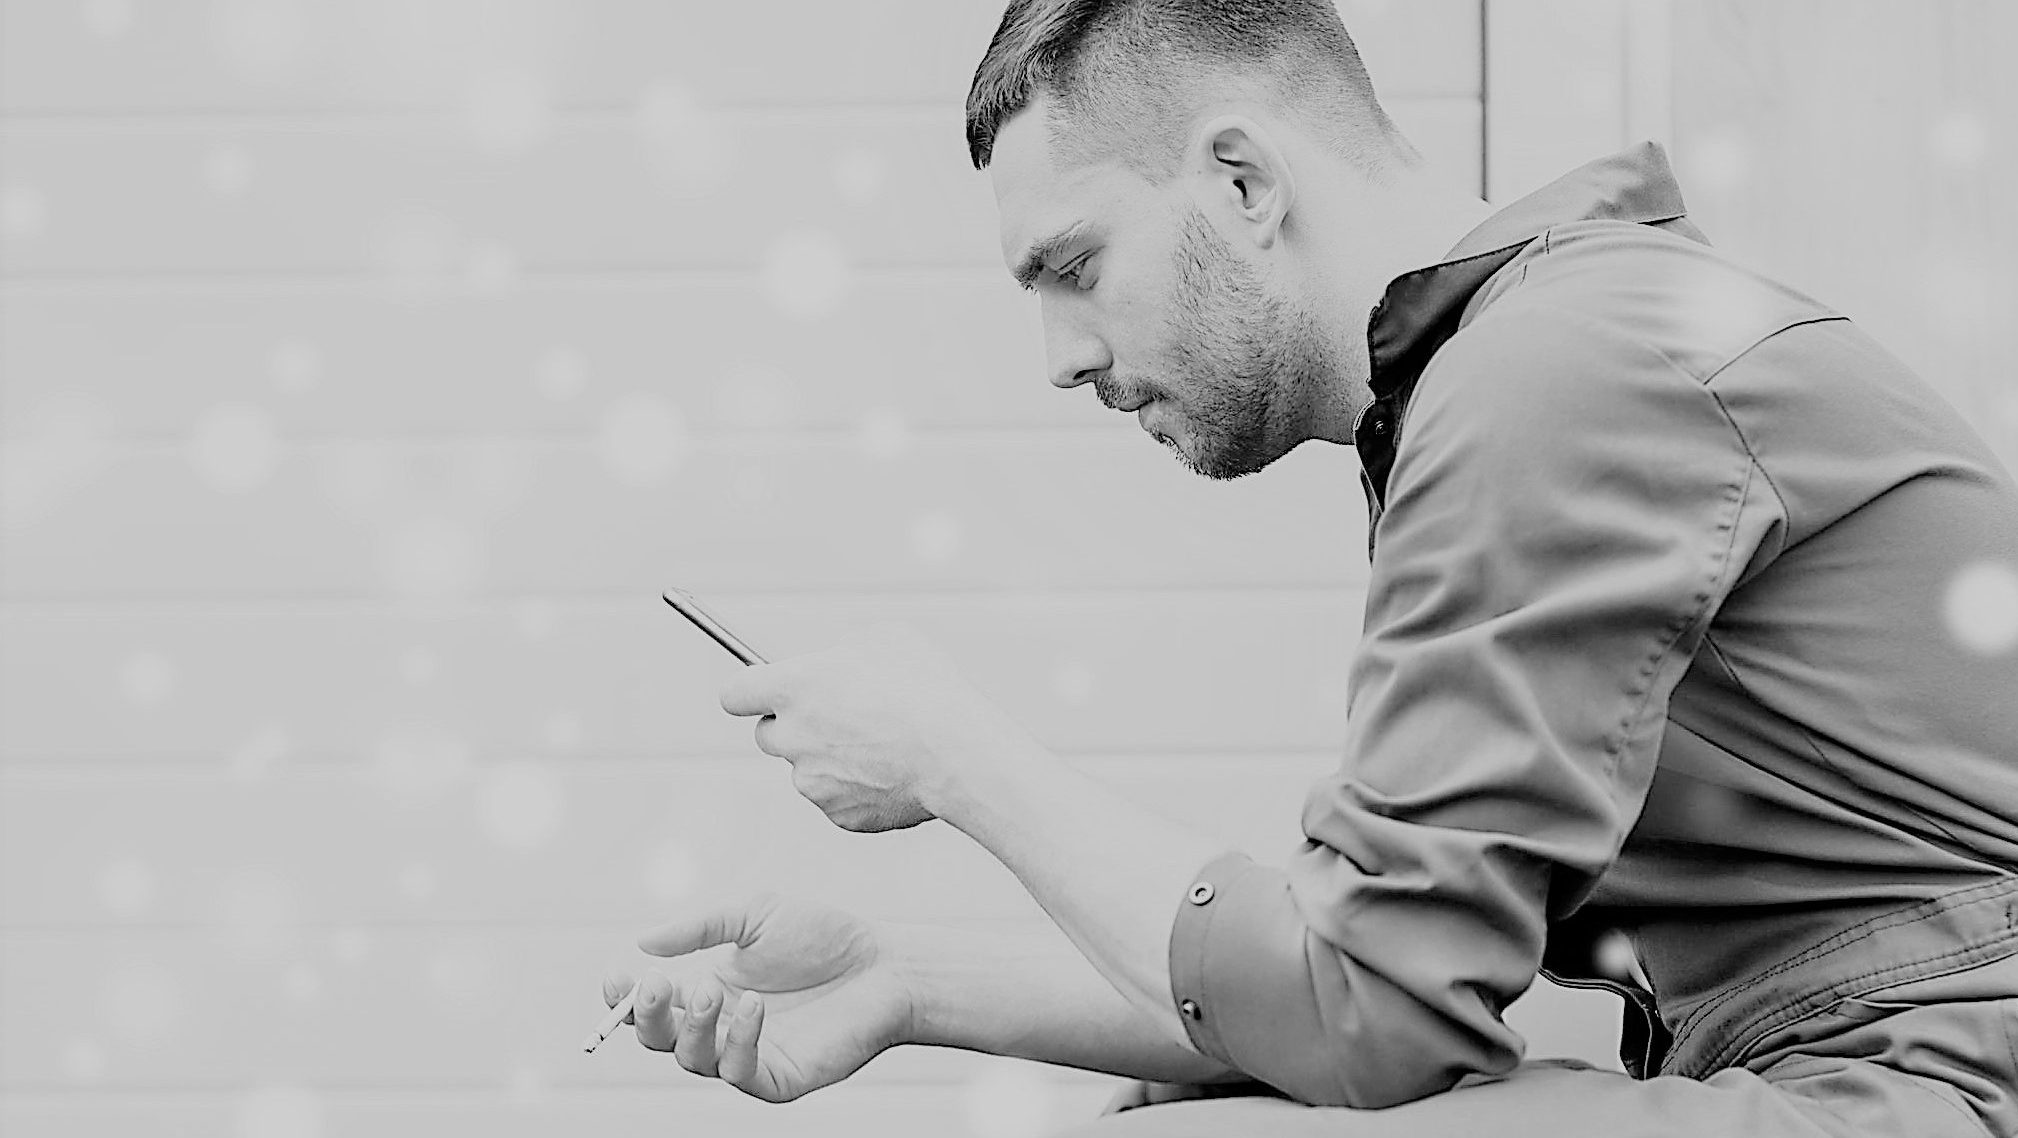 Maak uw onderhoudsproces efficiënter met de werkbon app